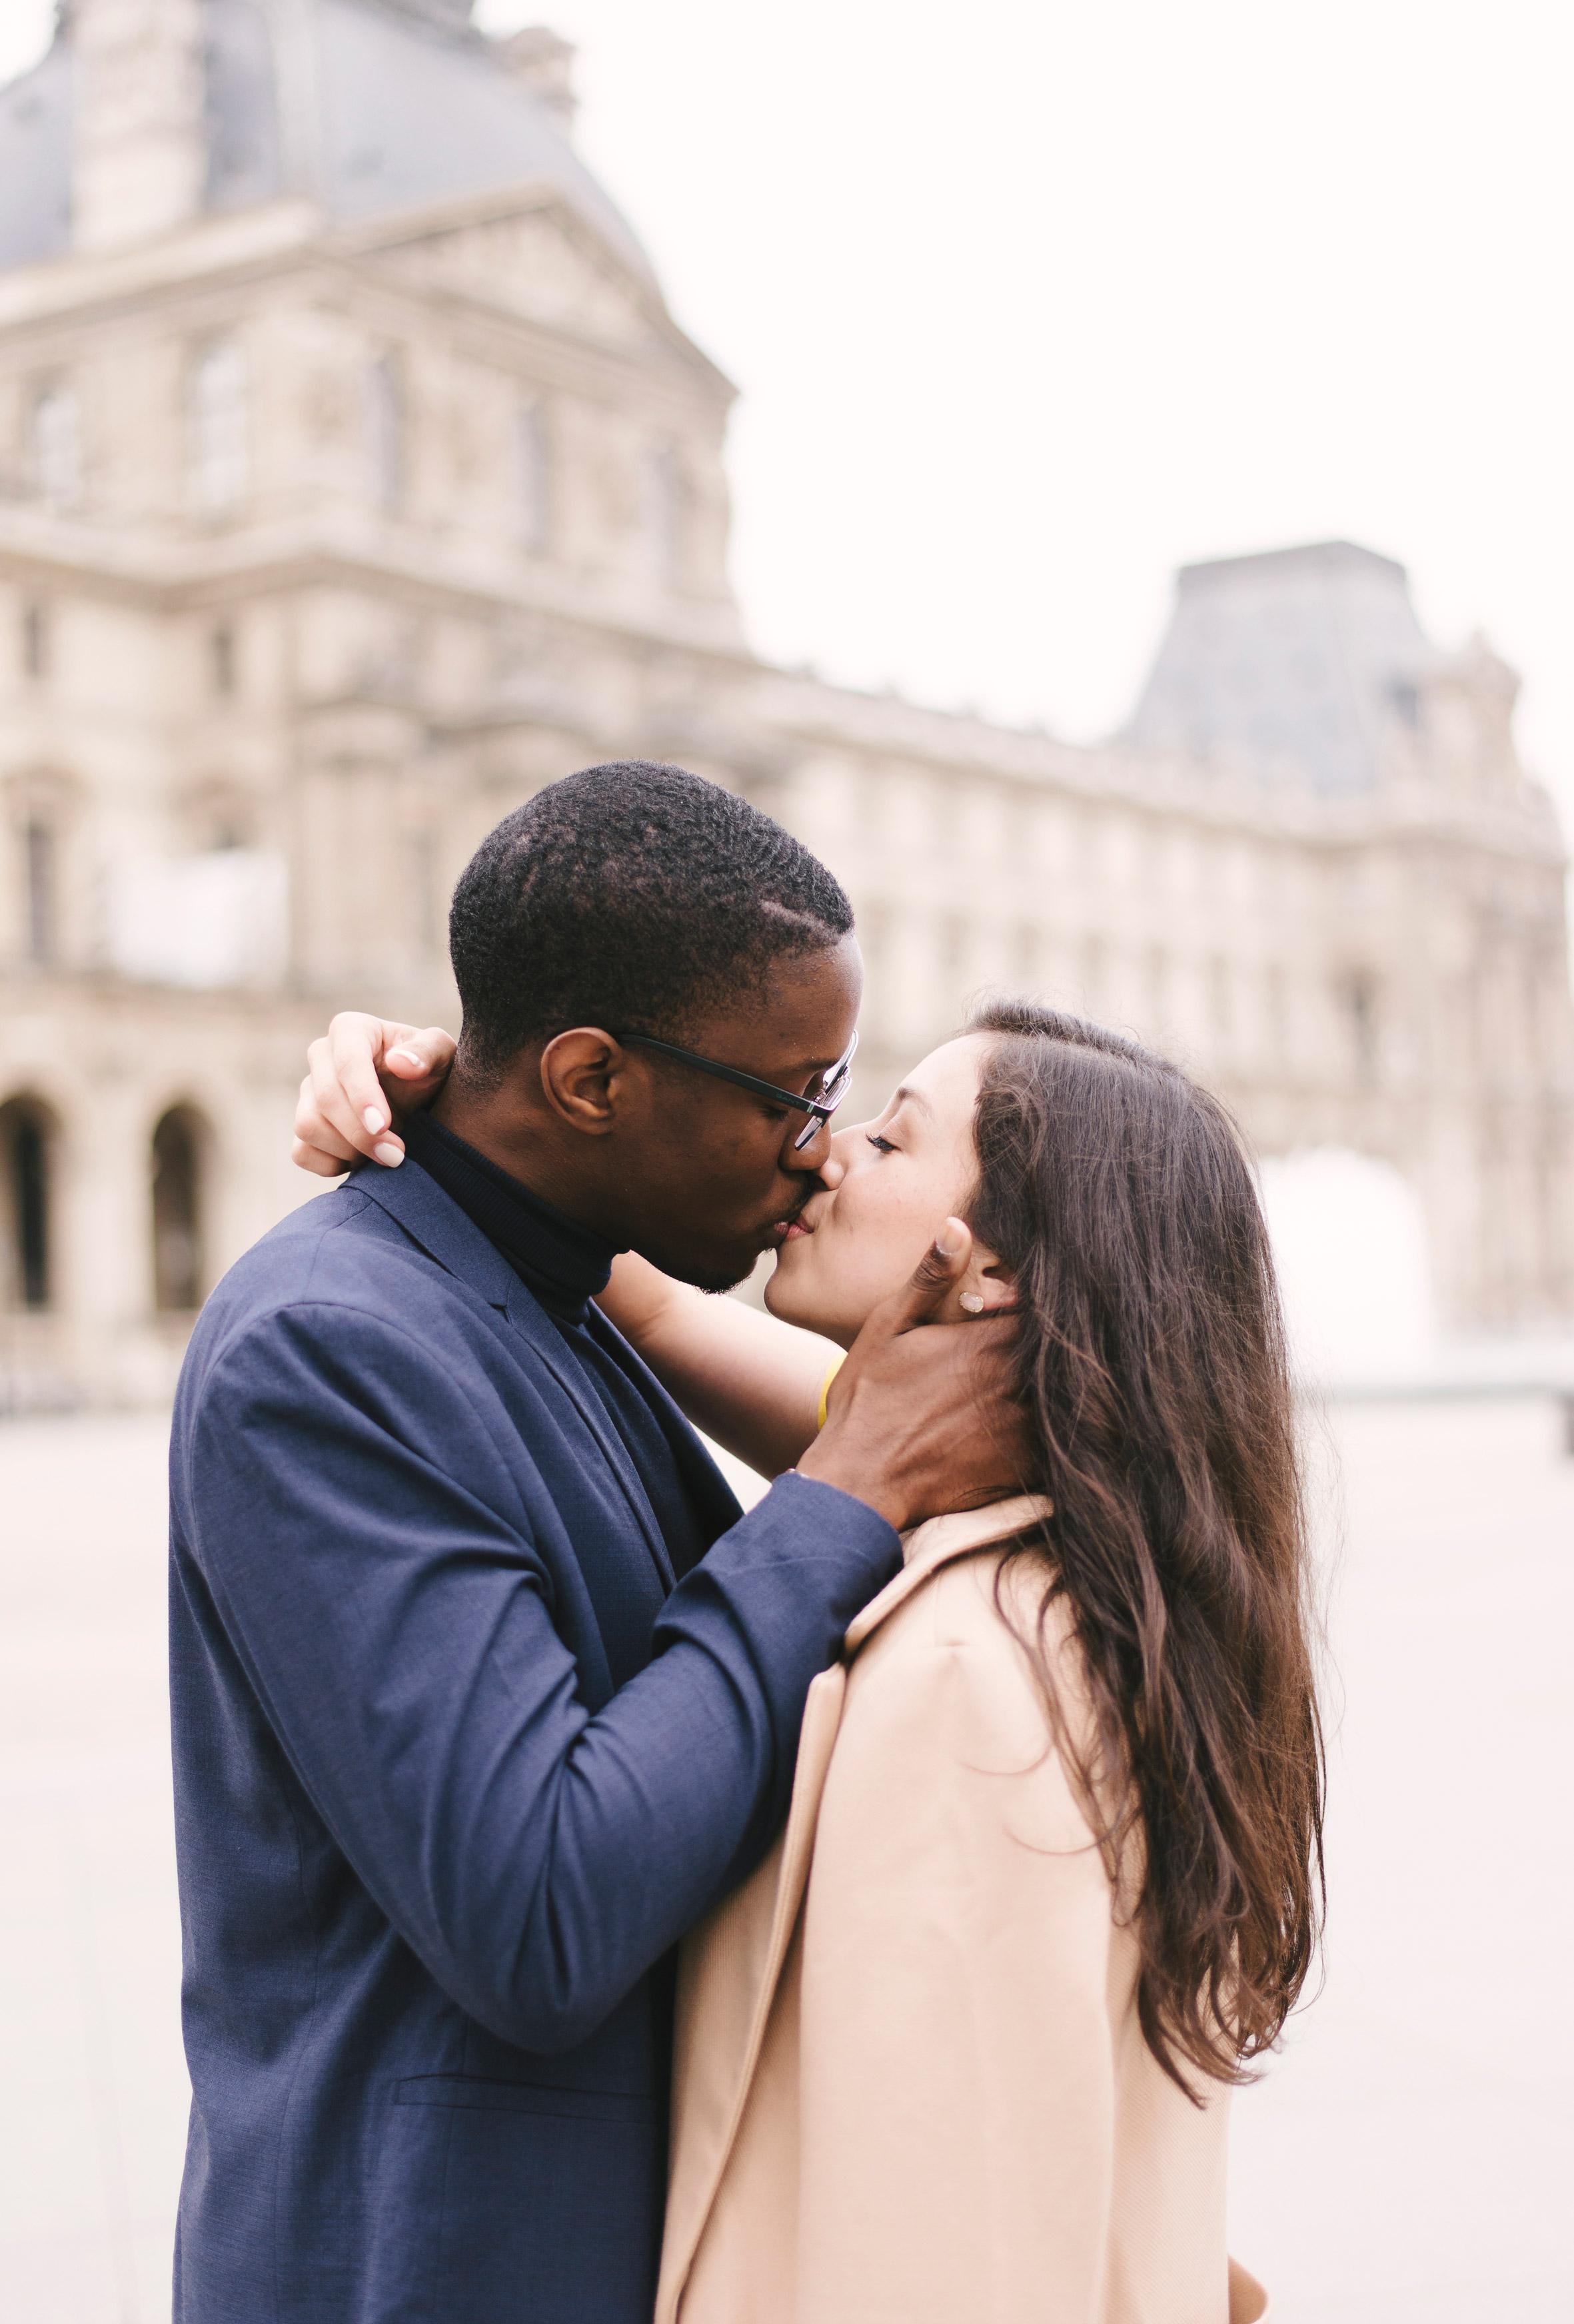 Couple-photoshoot-Paris-Pont-des-arts-Louvre-PalaisRoyale-080.jpg